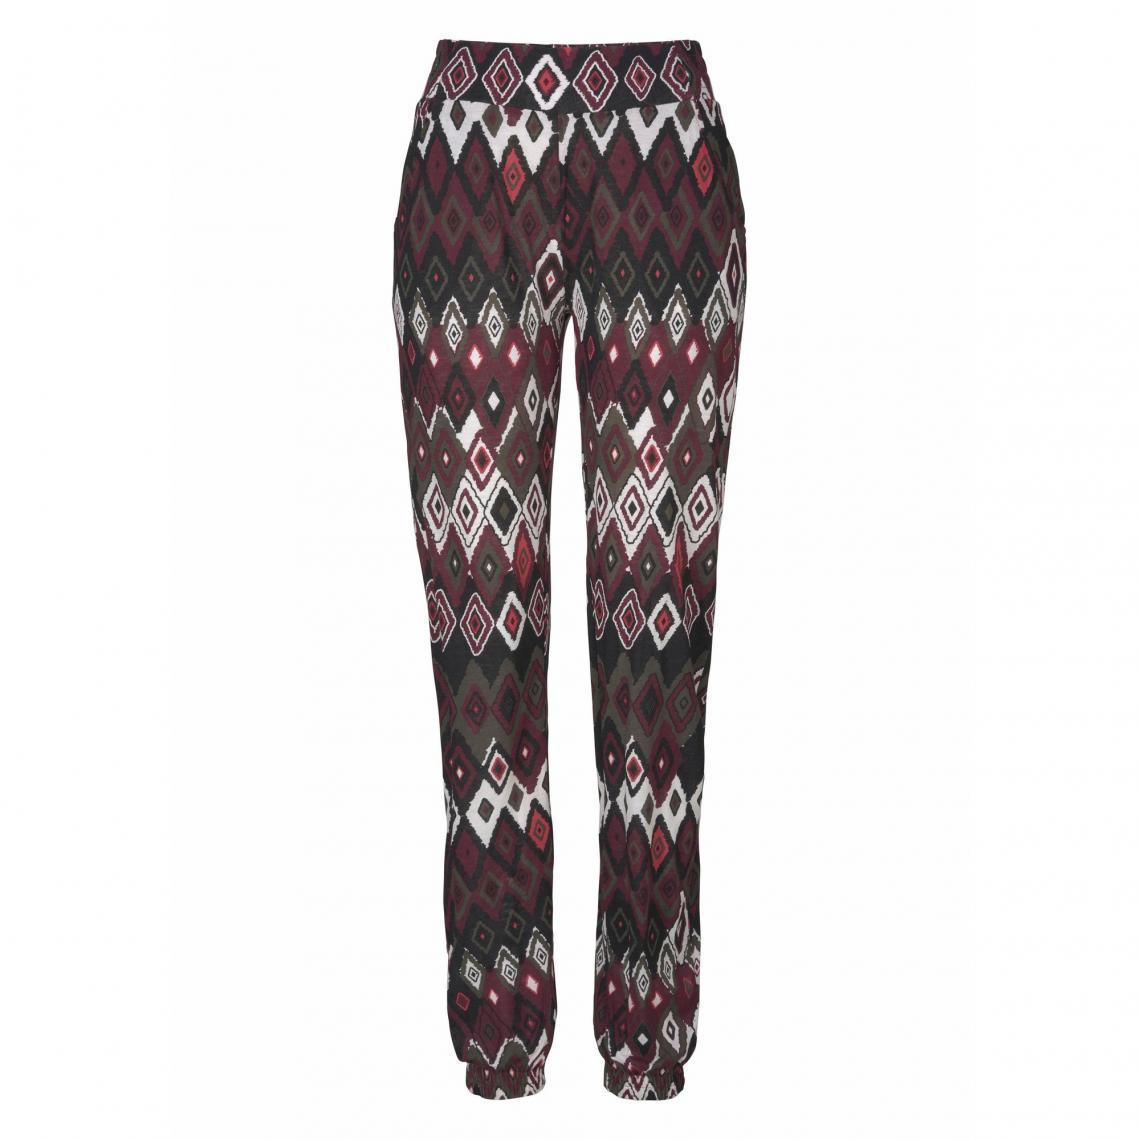 Élastiquée Taille Ethnique Pantalon Ajc Femme Imprimé Multicolore 6yYbf7gIv